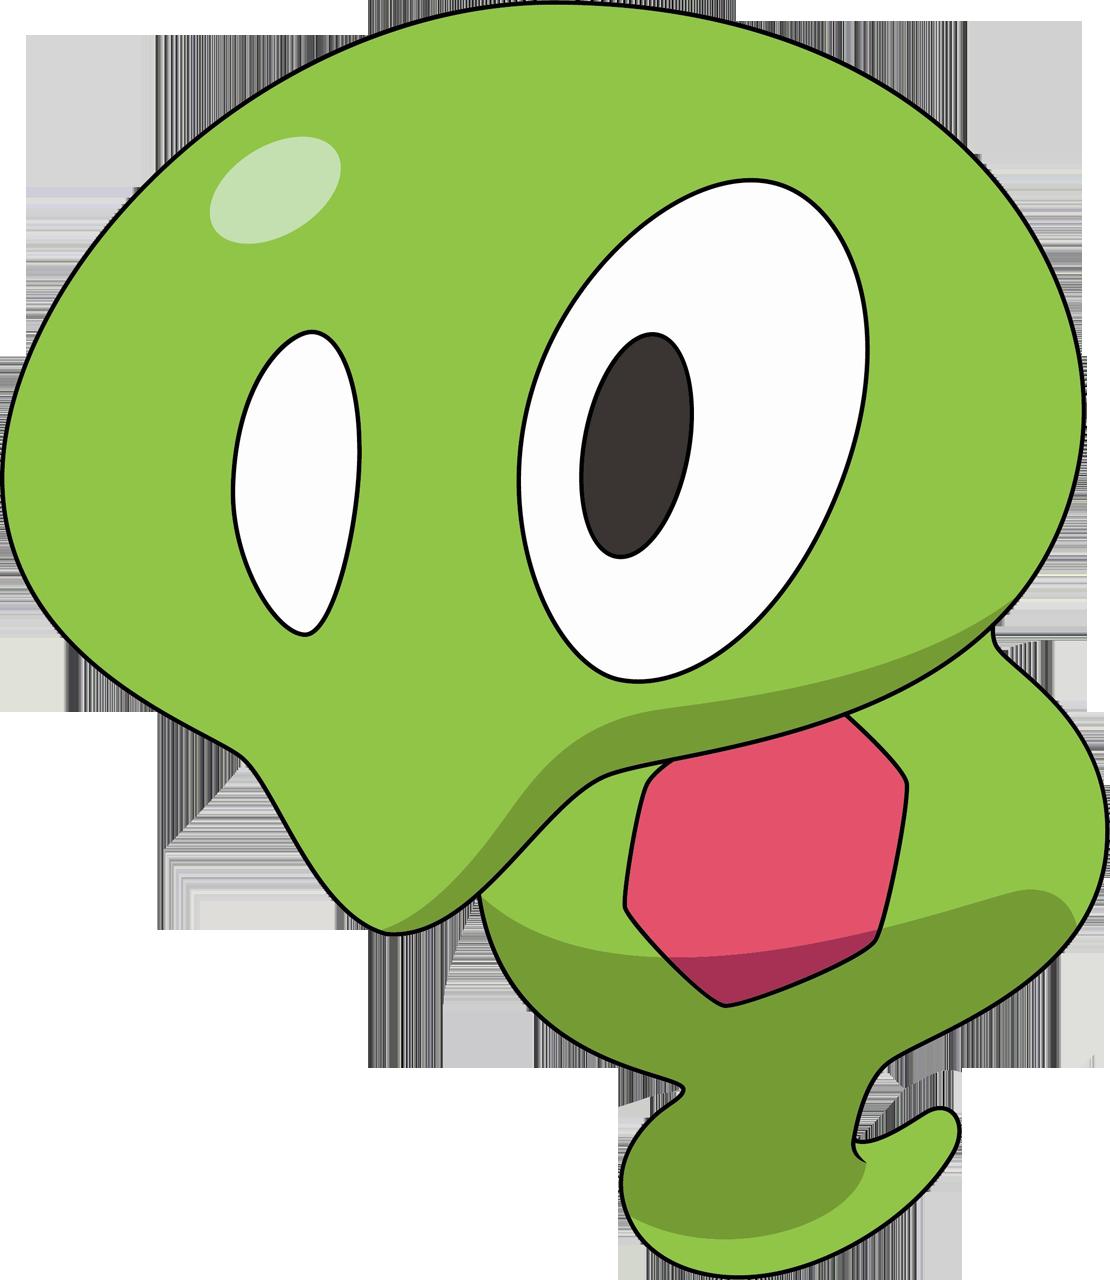 Zygarde | Pokémon Wiki | FANDOM powered by Wikia